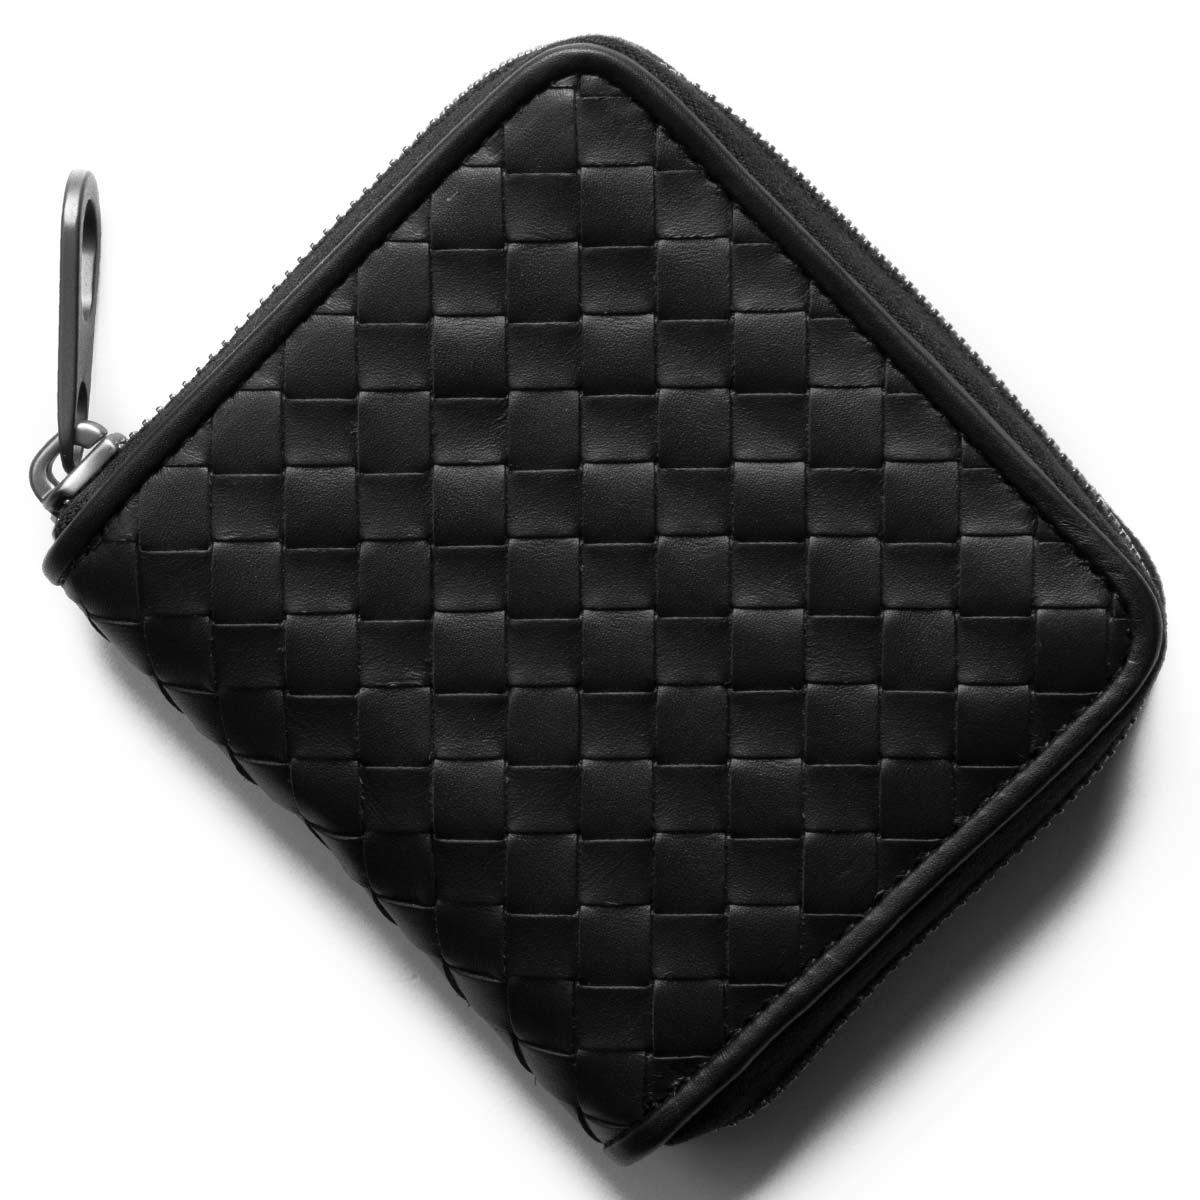 d38d2eb556c6 ボッテガヴェネタ (ボッテガ·ヴェネタ) シャネル 財布 二つ折り財布 財布 ...